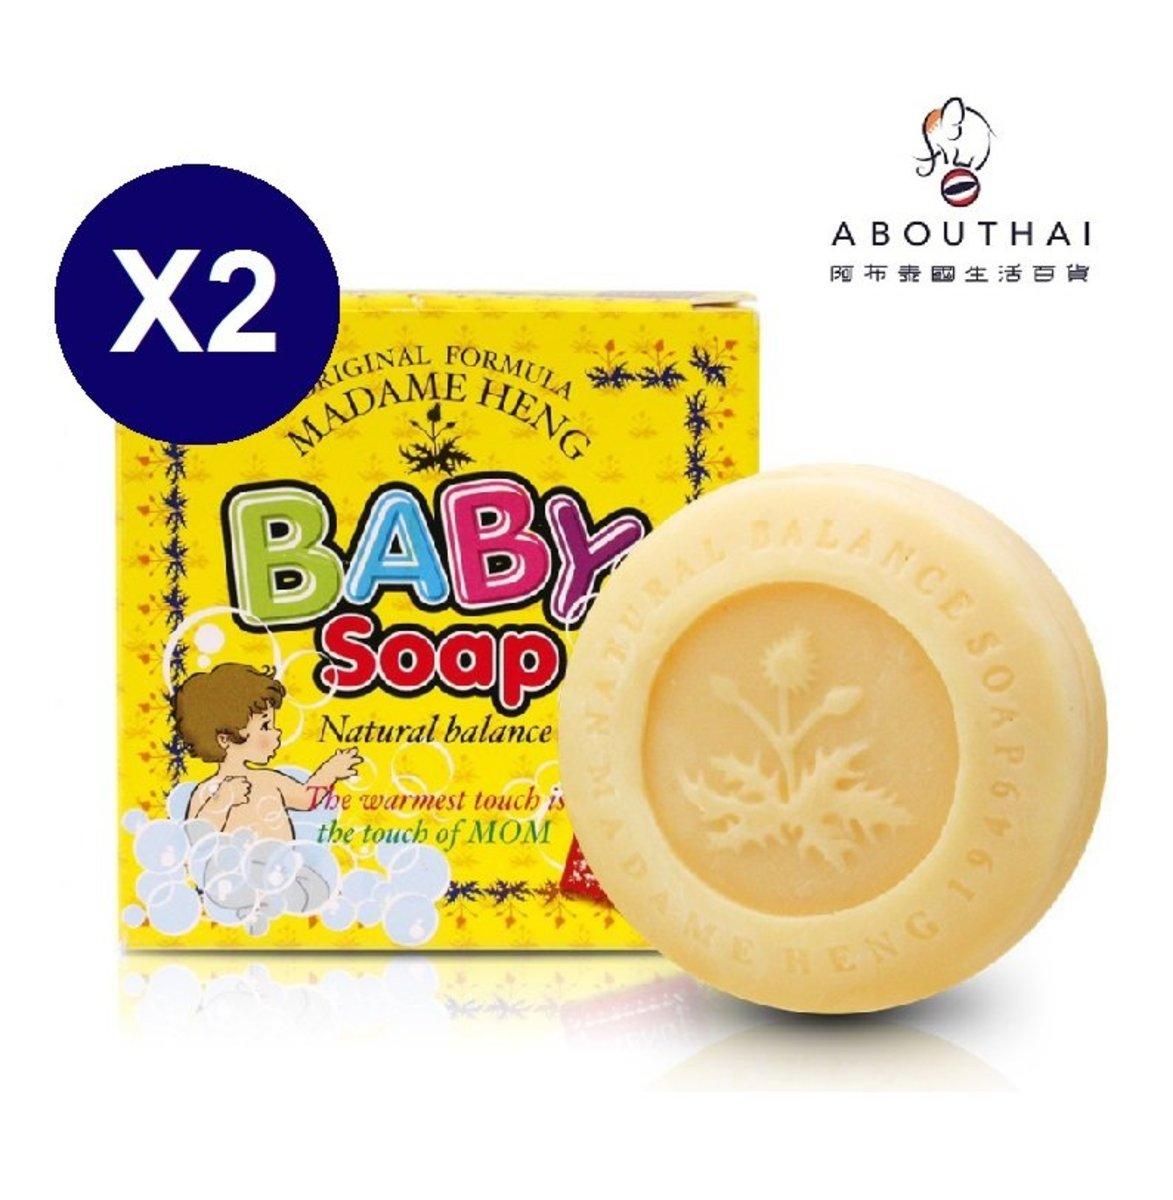 嬰兒護理手工香皂 150g (2盒裝)